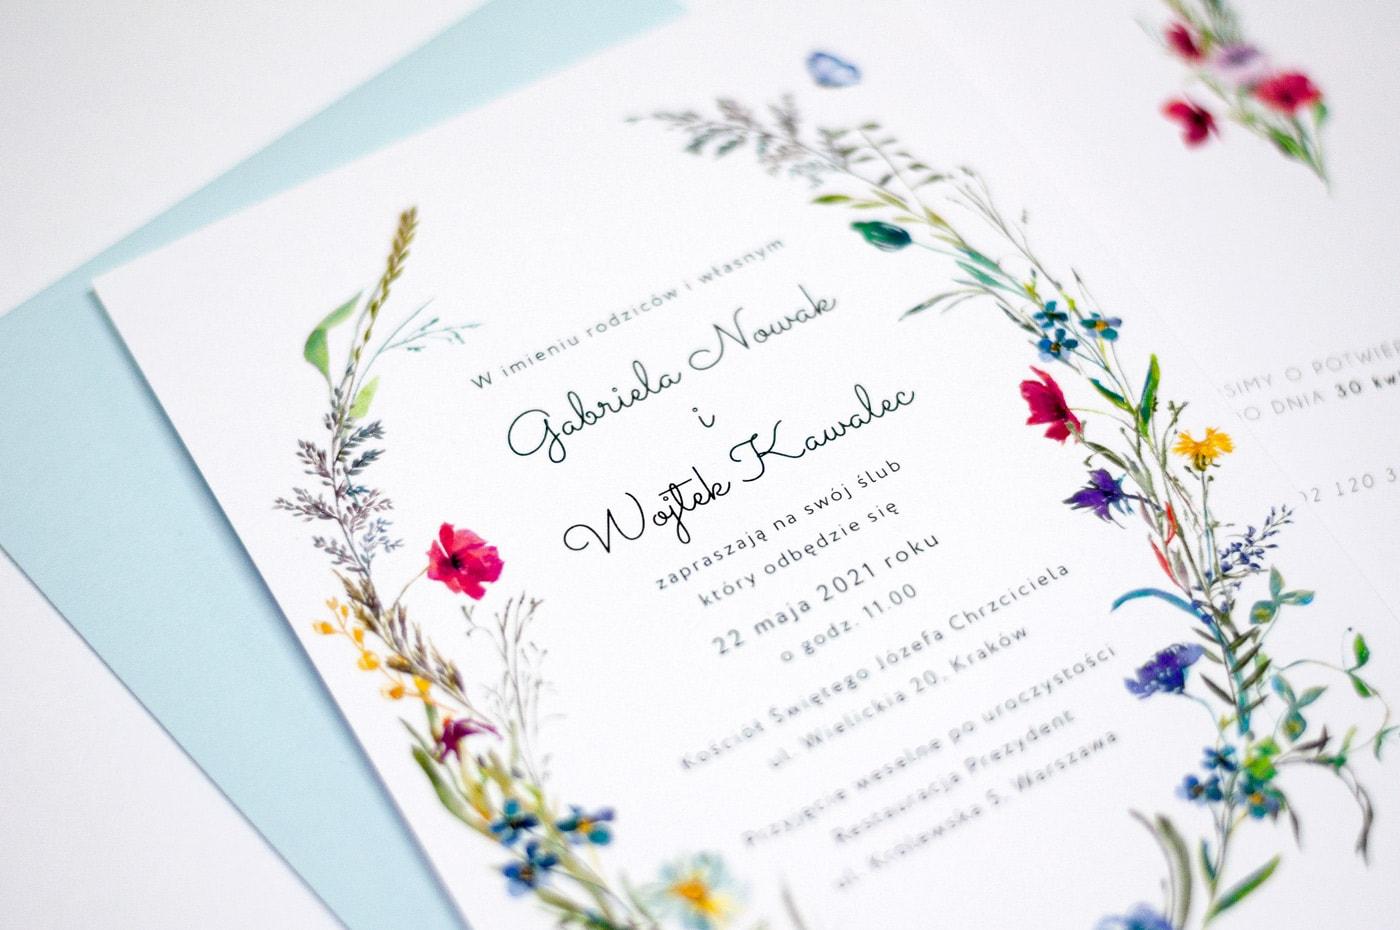 Zaproszenia w stylu rustykalnym z błękitną kopertą i bukietem polnych kwiatów